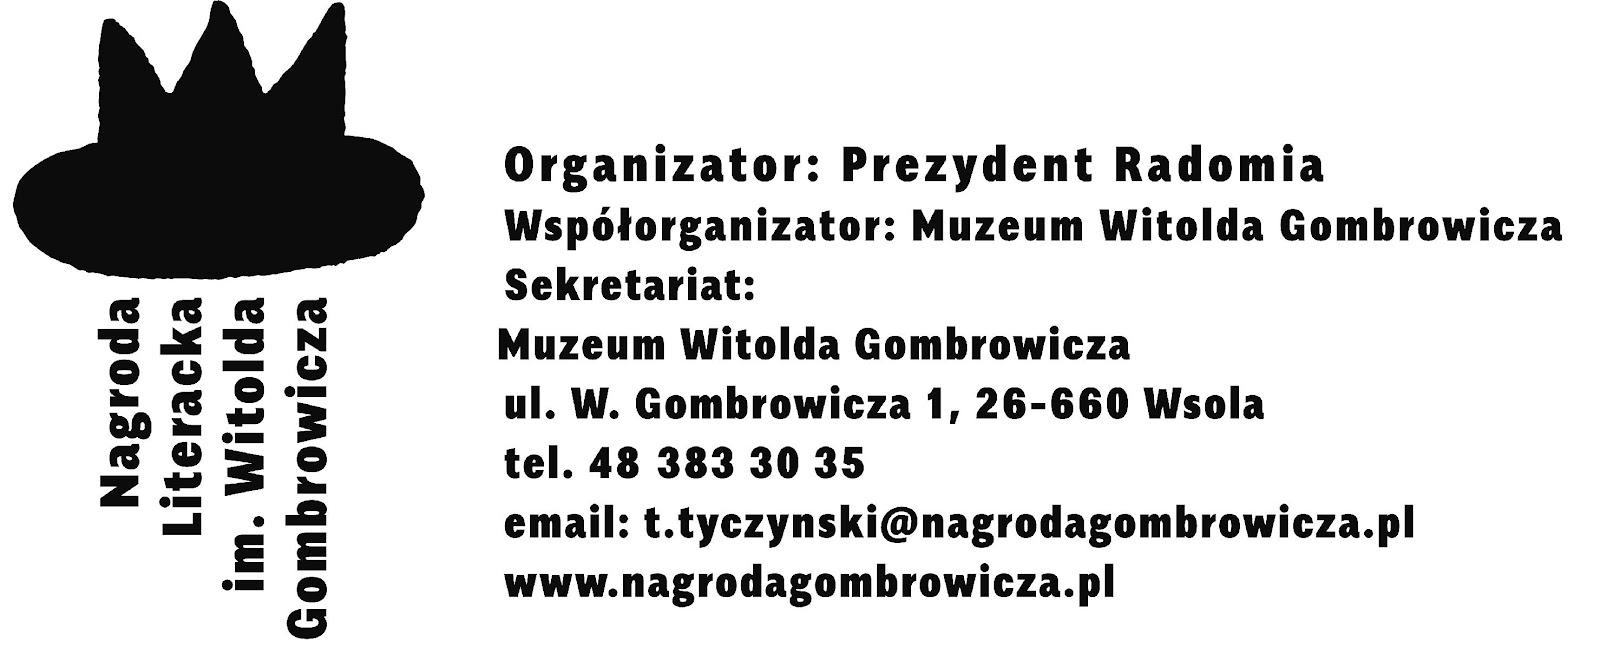 C:\Users\ML\Desktop\WYDARZENIA\2016\nagroda im. WG edycja I\graficzne\logo i papier nagrody\NLWG_papierN.jpg